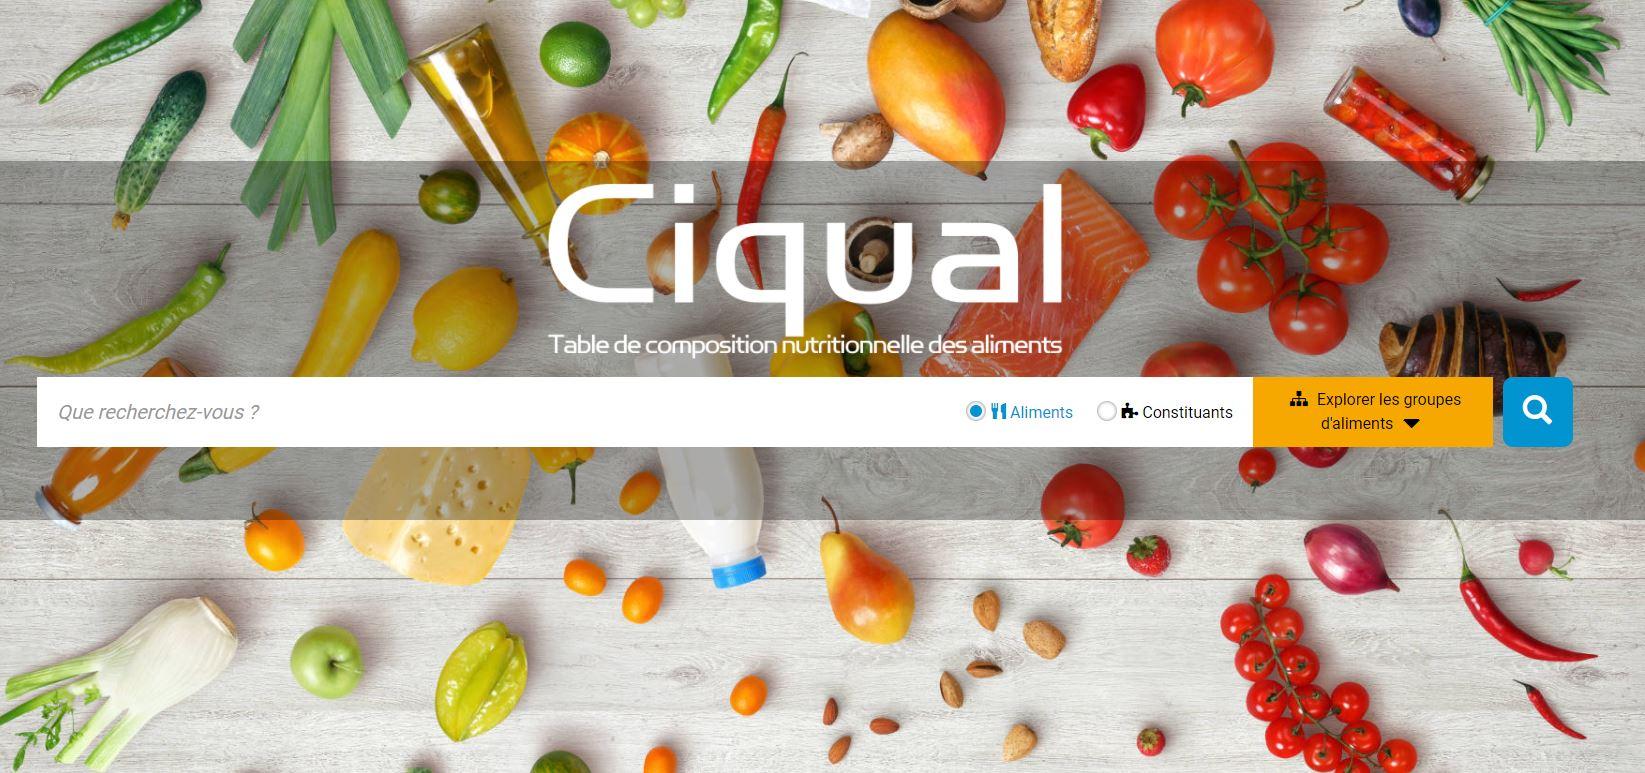 CIQUAL - Table de composition nutritionnelle des aliments